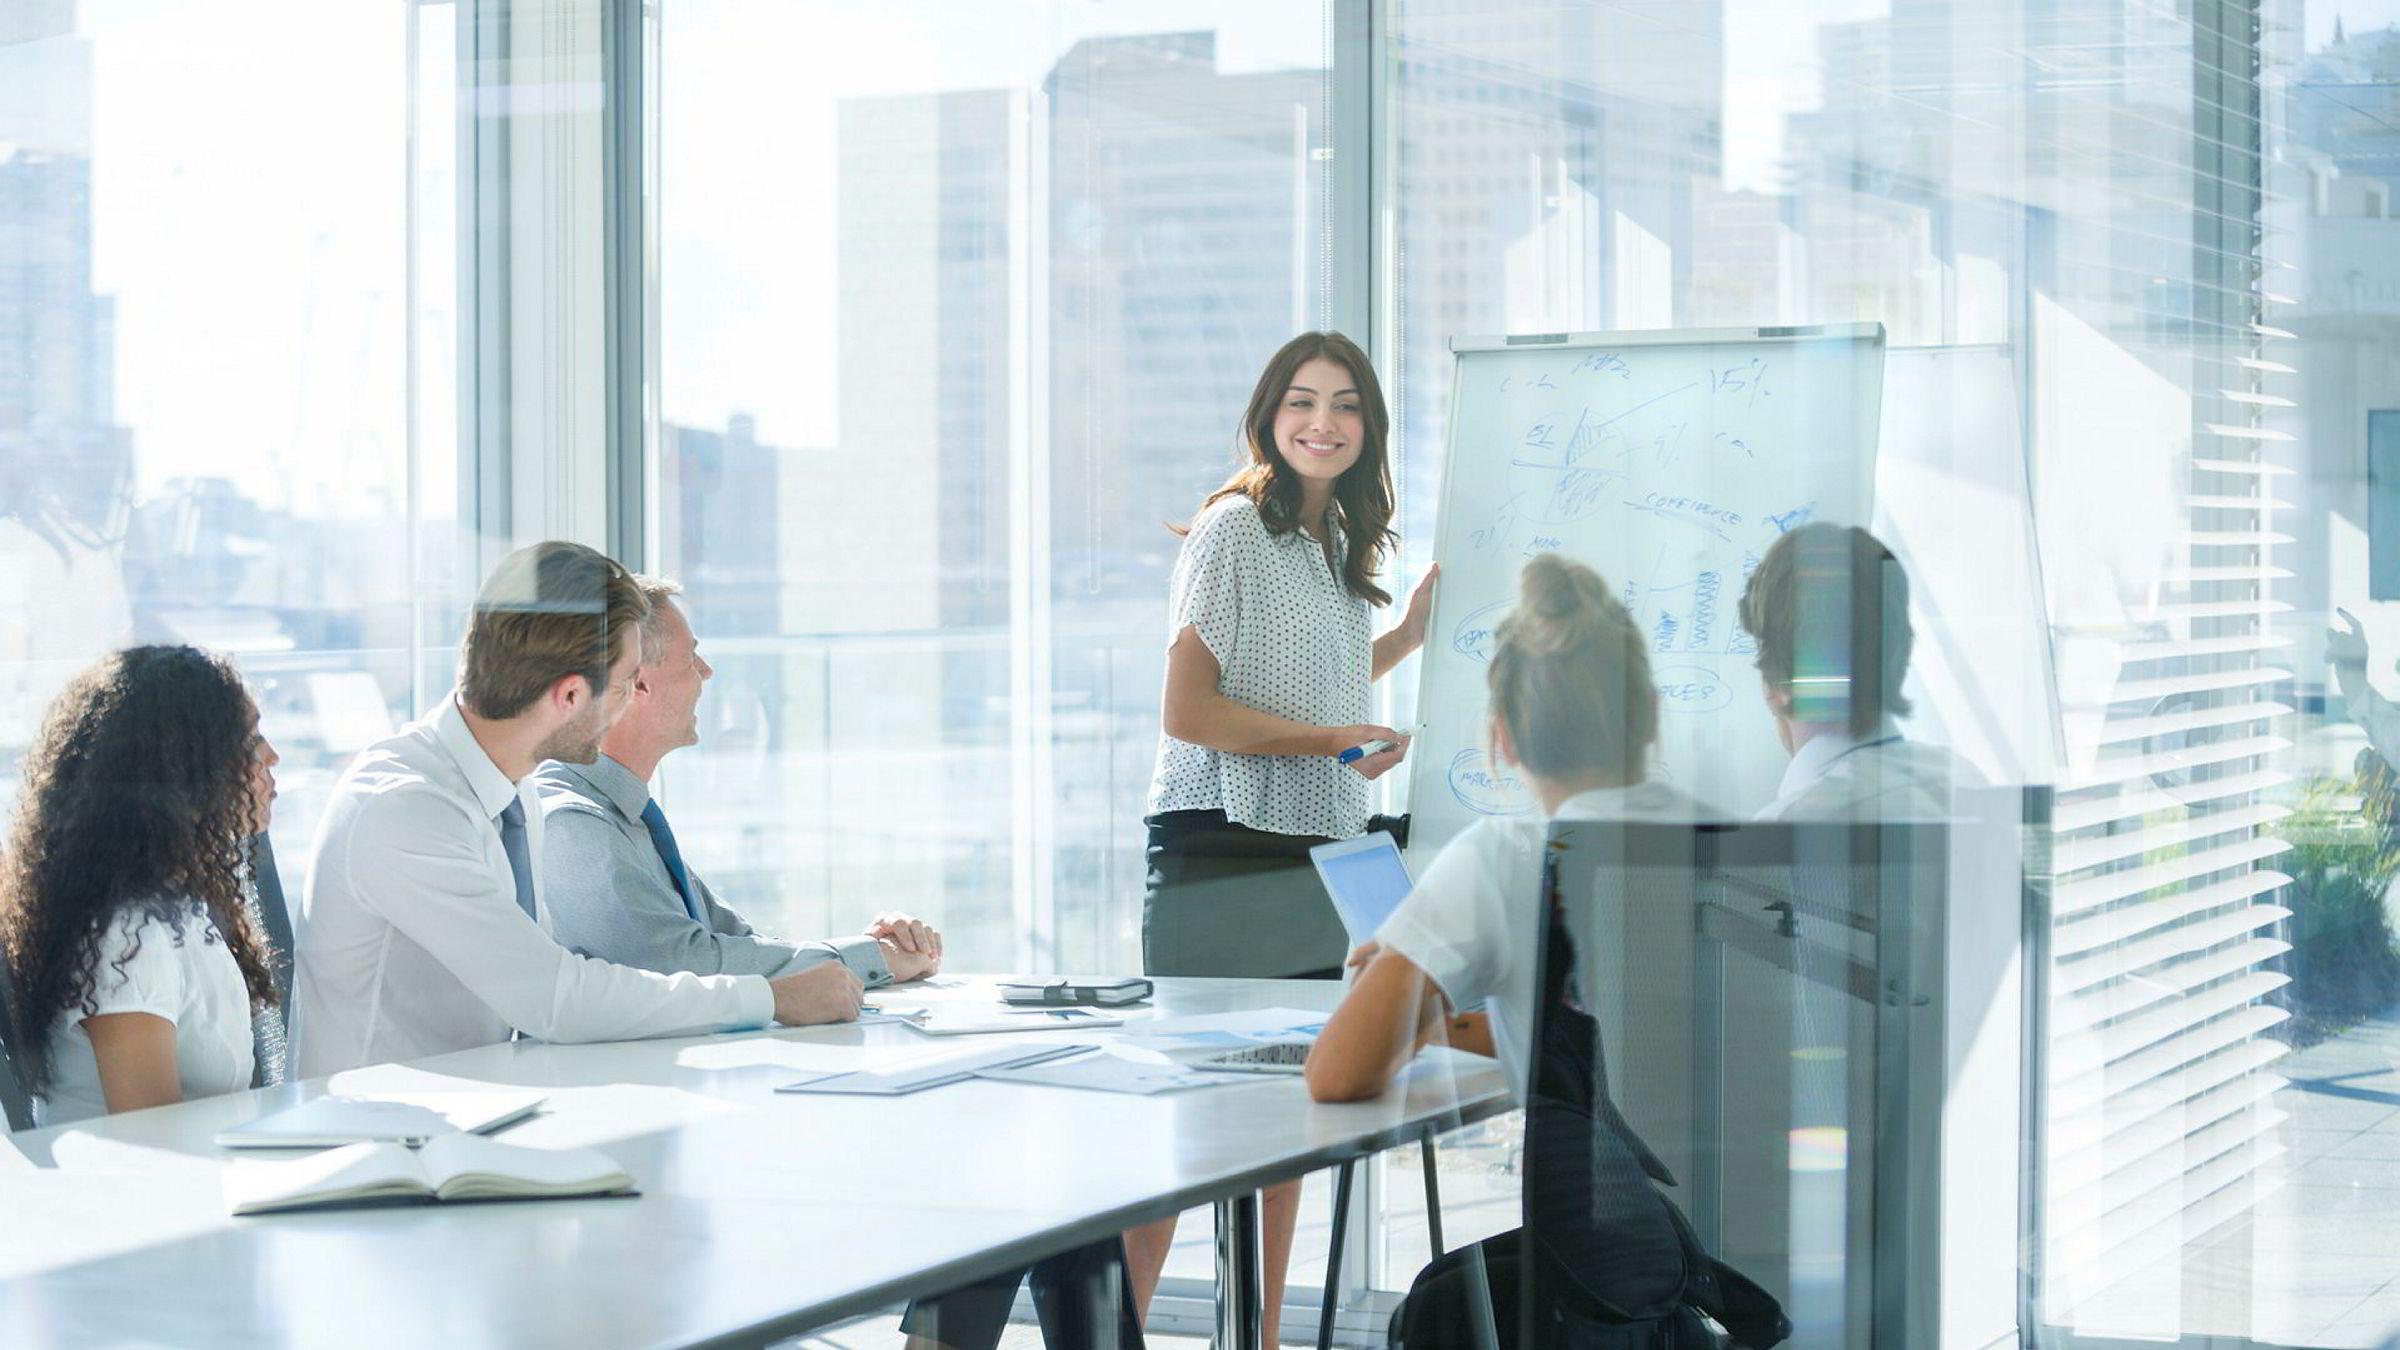 Ledelse er primært utøvelse av en profesjonell praksis. Kunnskap om det å lede er derfor ikke en størrelse som instrumentelt kan overføres til enkeltpersoner, men en erfarings- og situasjonsbasert aktivitet som utspiller seg i en gitt kontekst.